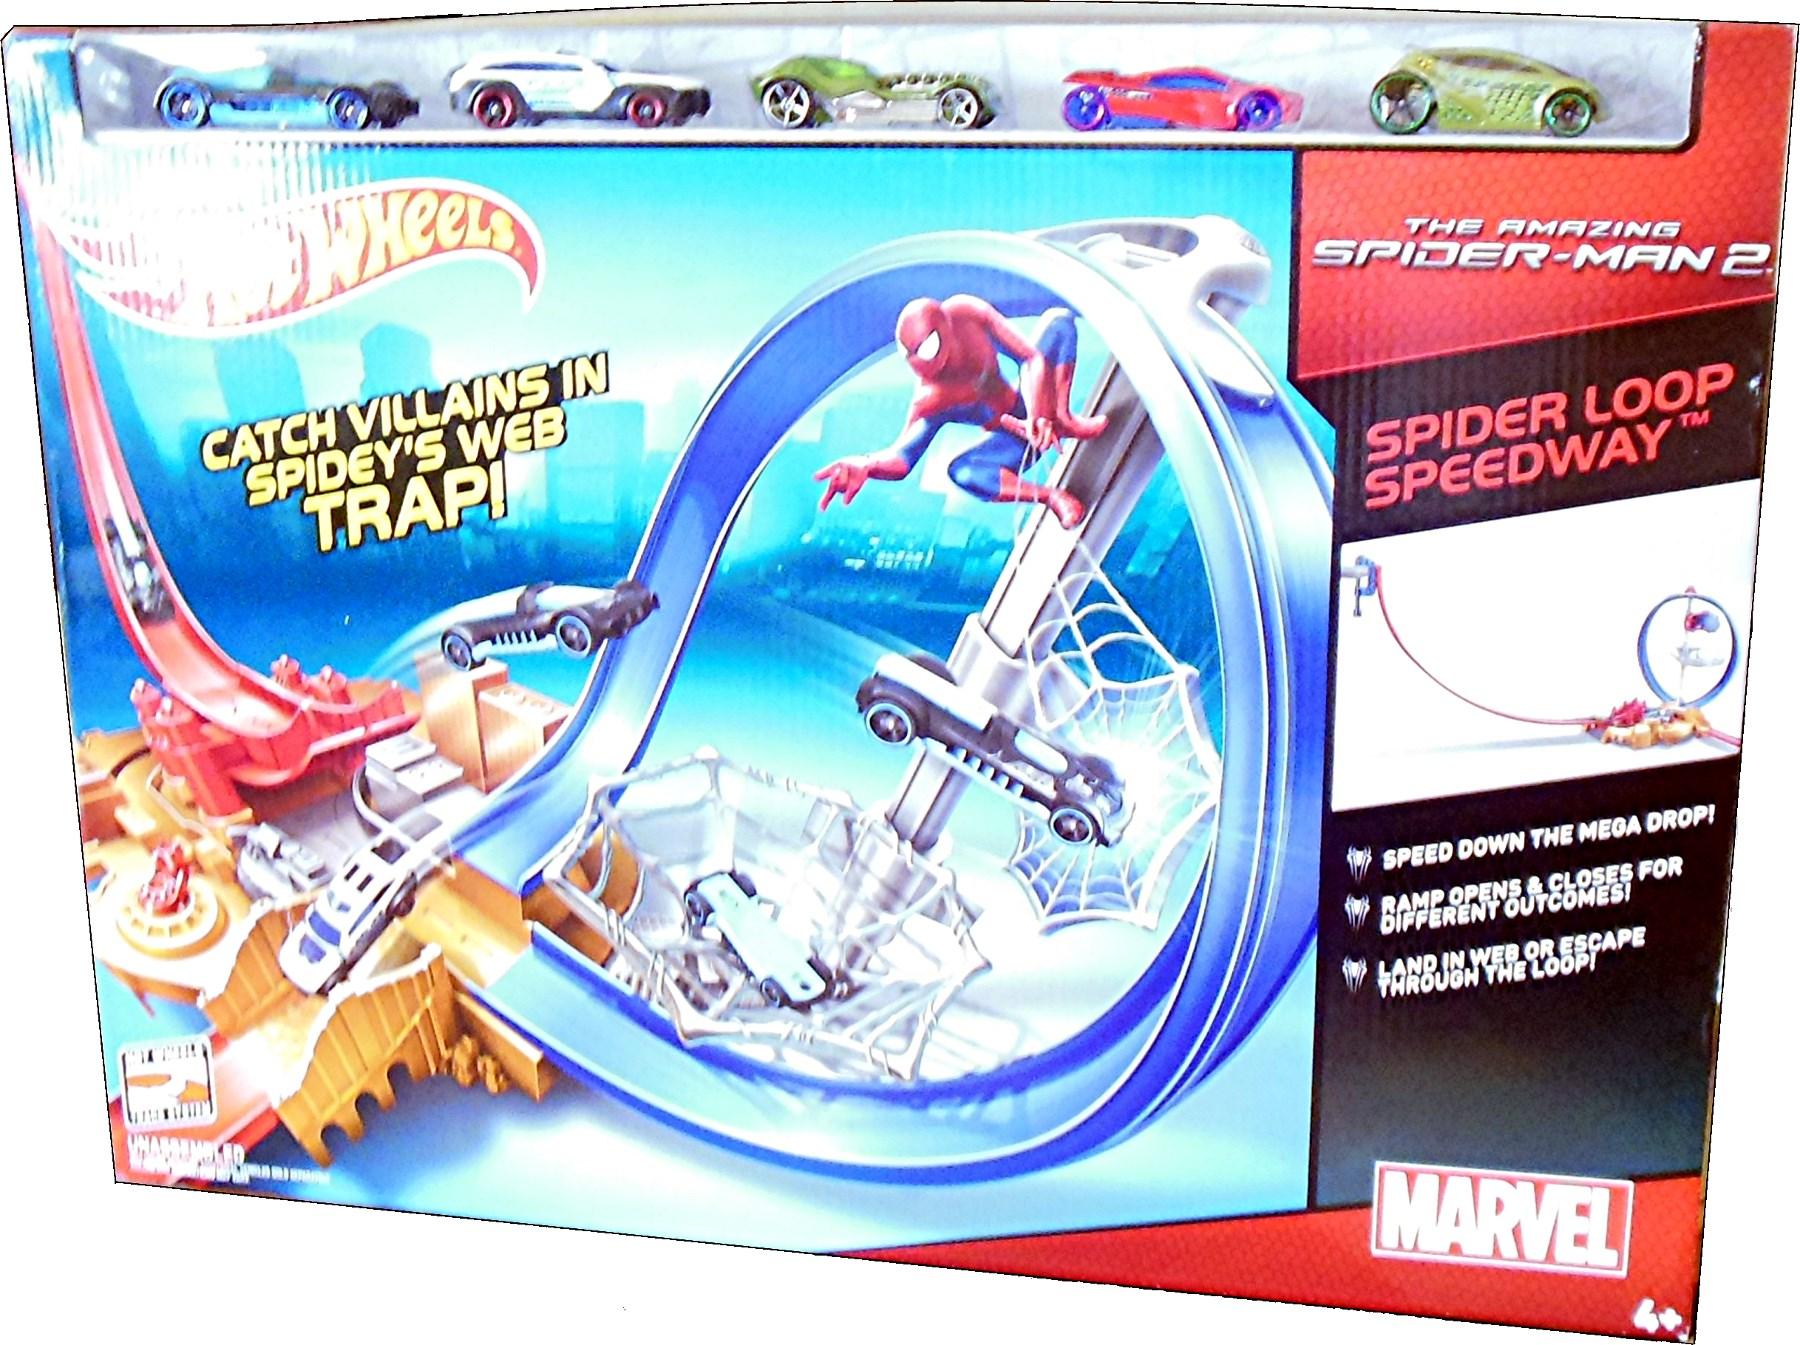 Marvel 39 s The Amazing SpiderMan